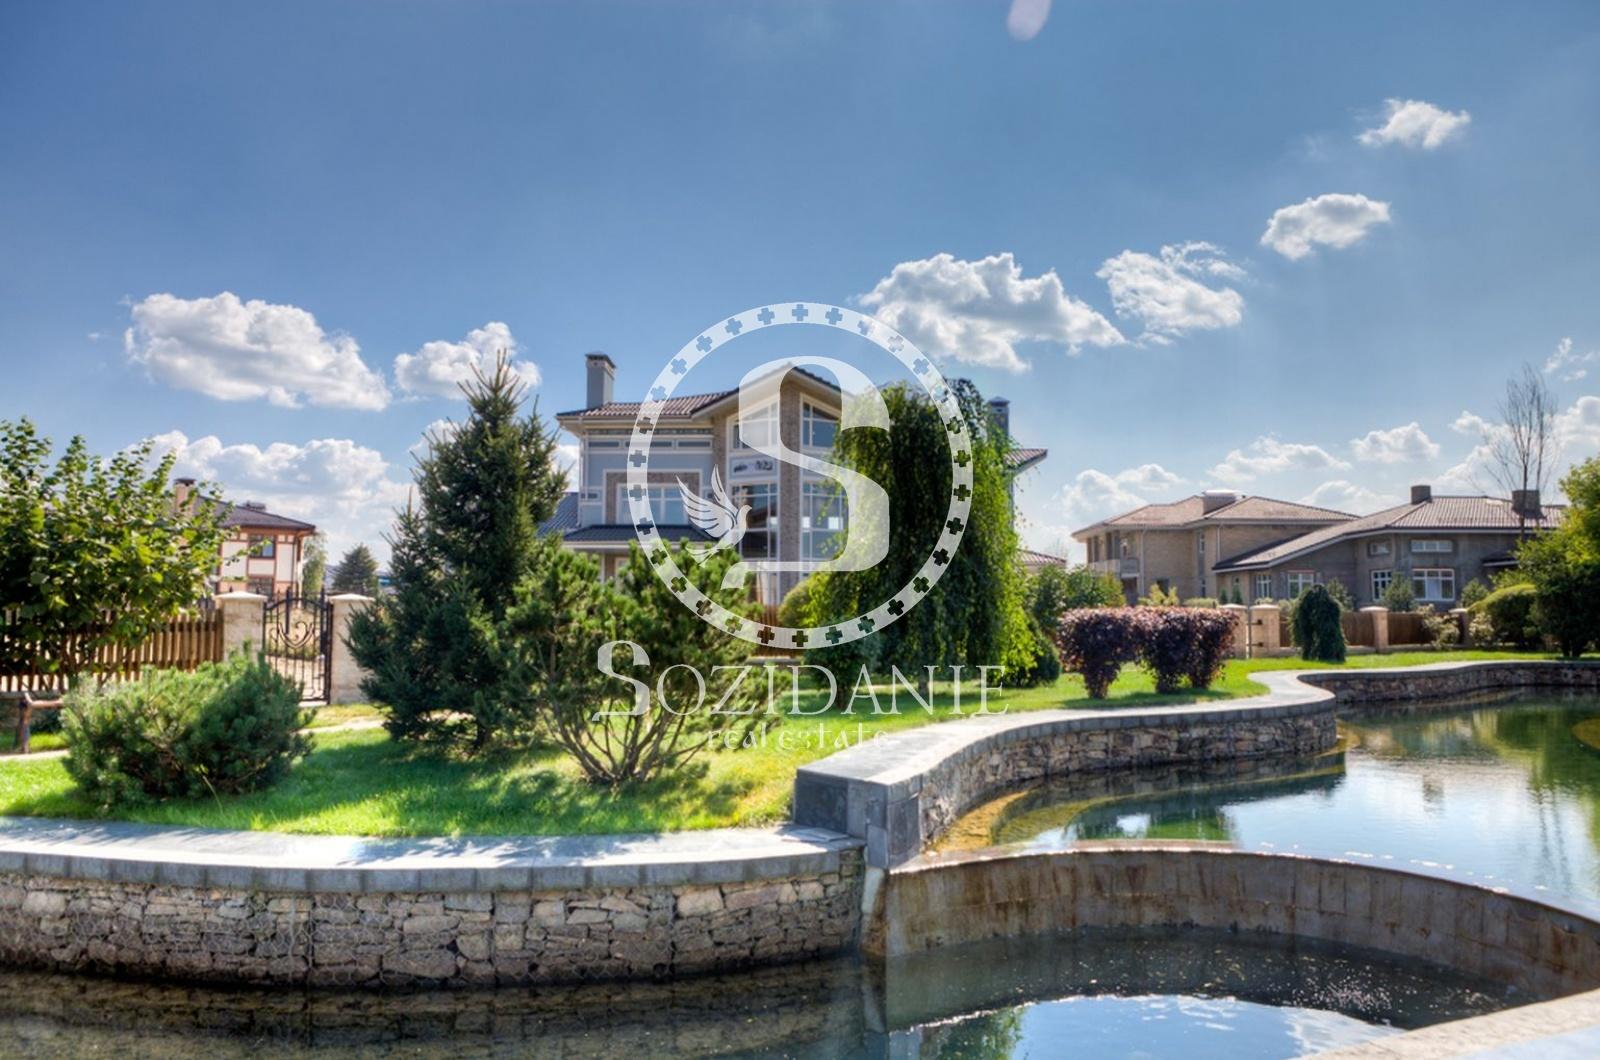 5 Bedrooms, Загородная, Продажа, Listing ID 1484, Московская область, Россия,